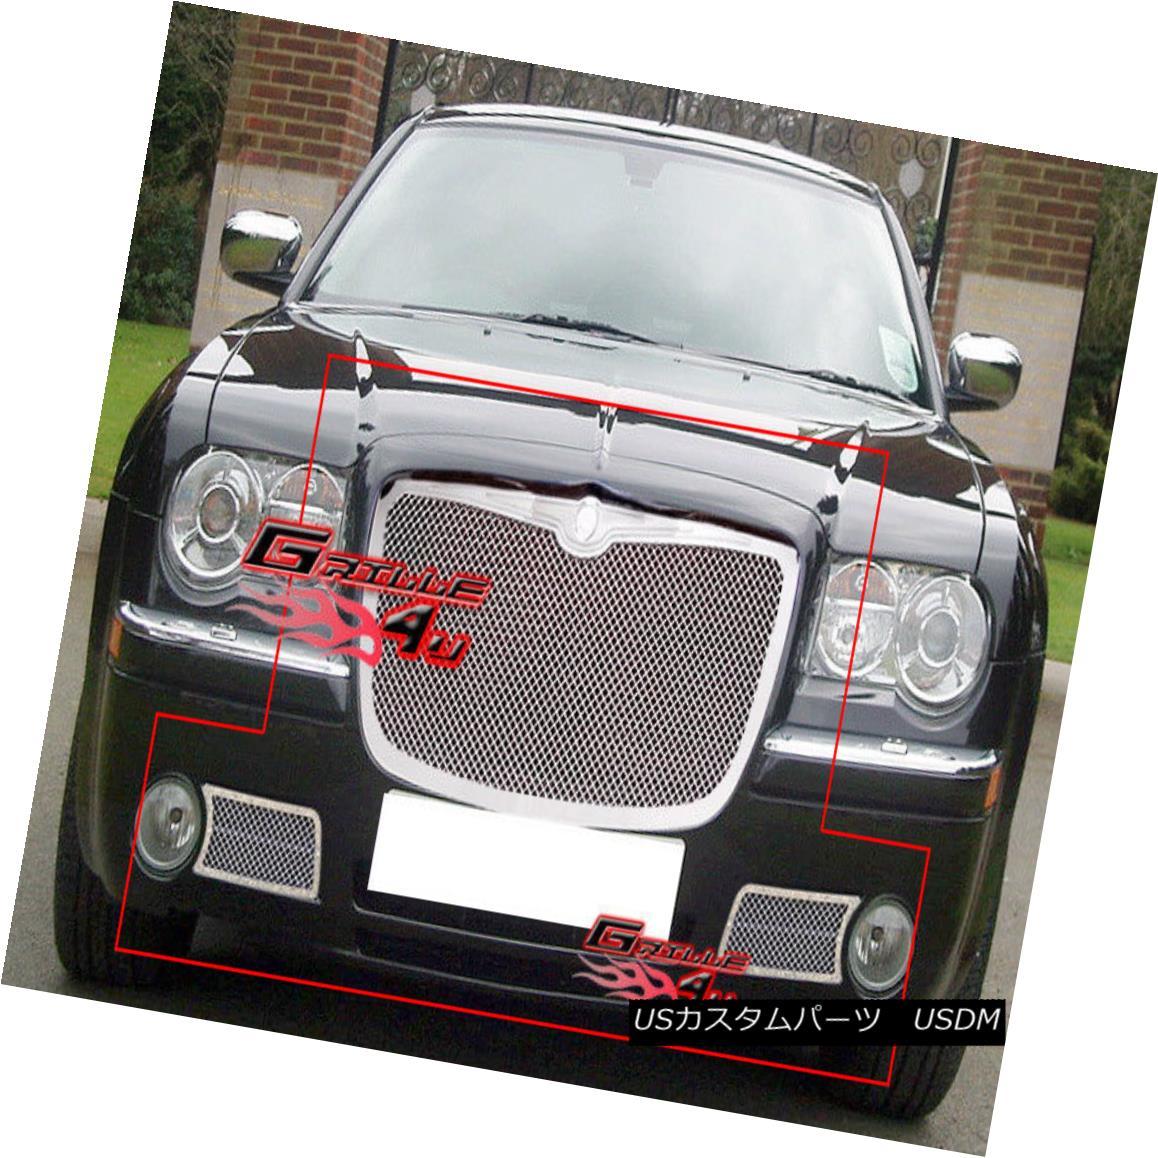 グリル Fits 2005-2010 Chrysler 300C Stainless Mesh Grille Combo 適合2005-2010クライスラー300Cステンレスメッシュグリルコンボ